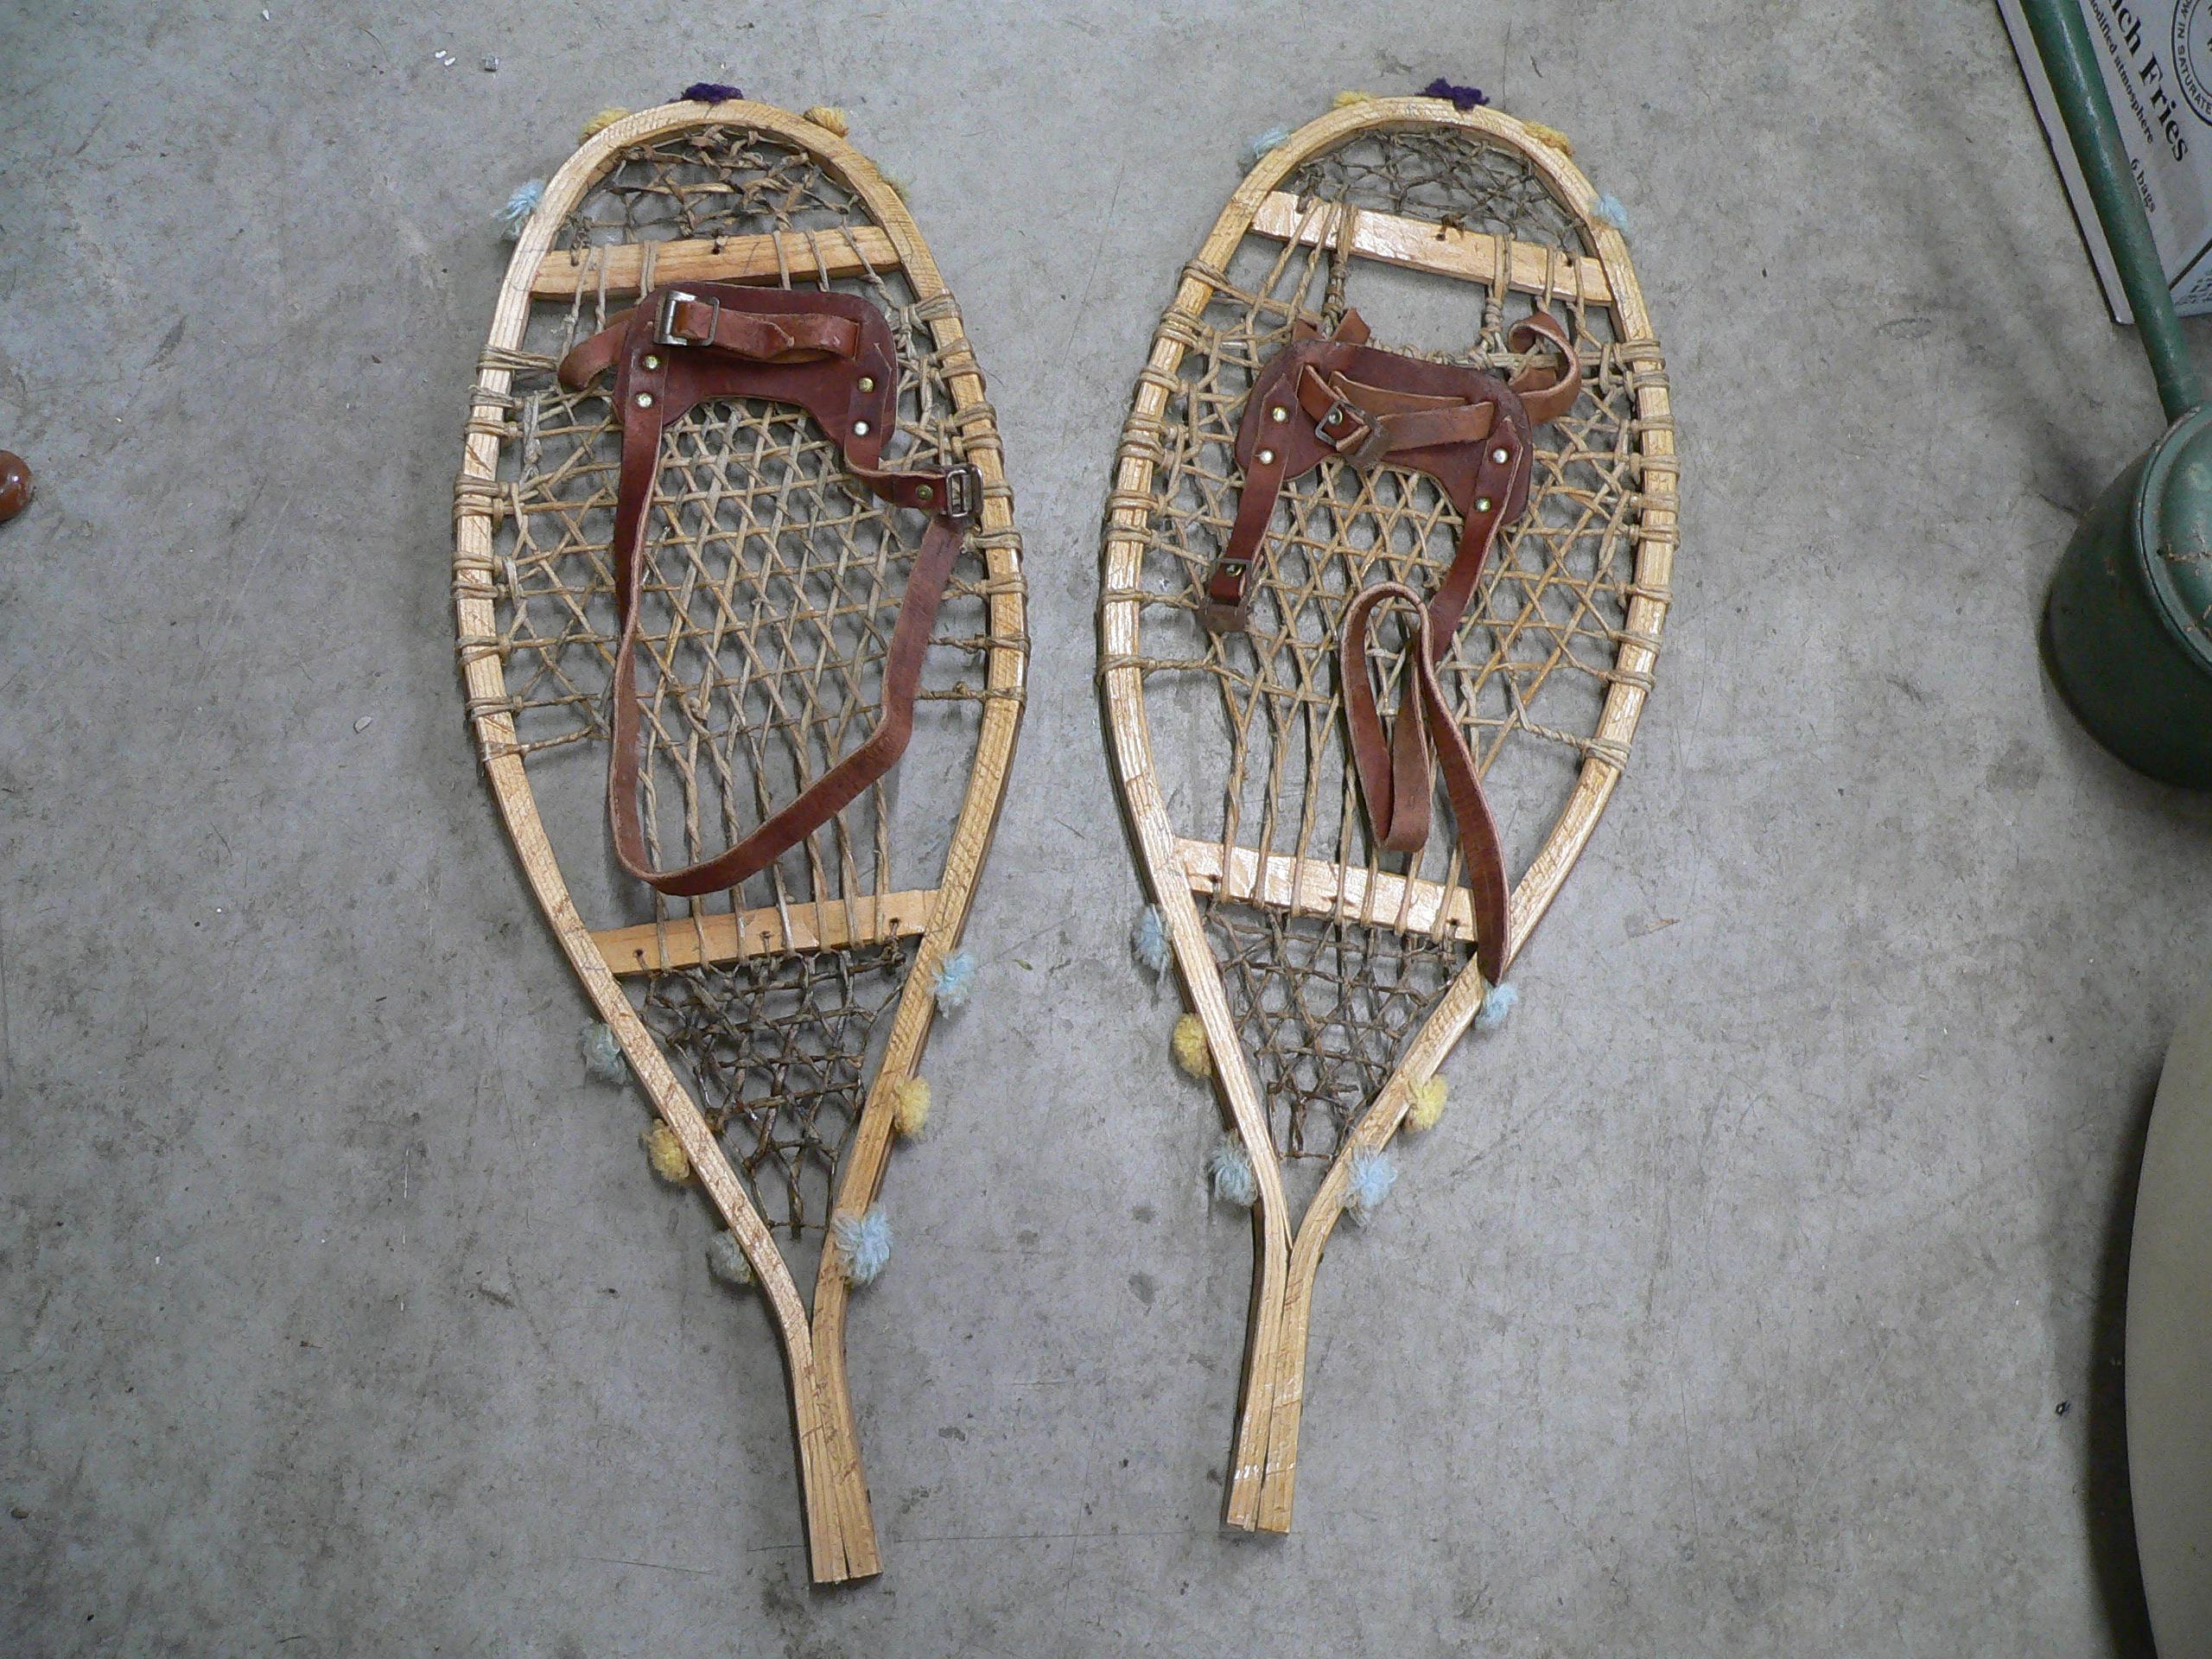 Très belle paire de raquette antique # 5593